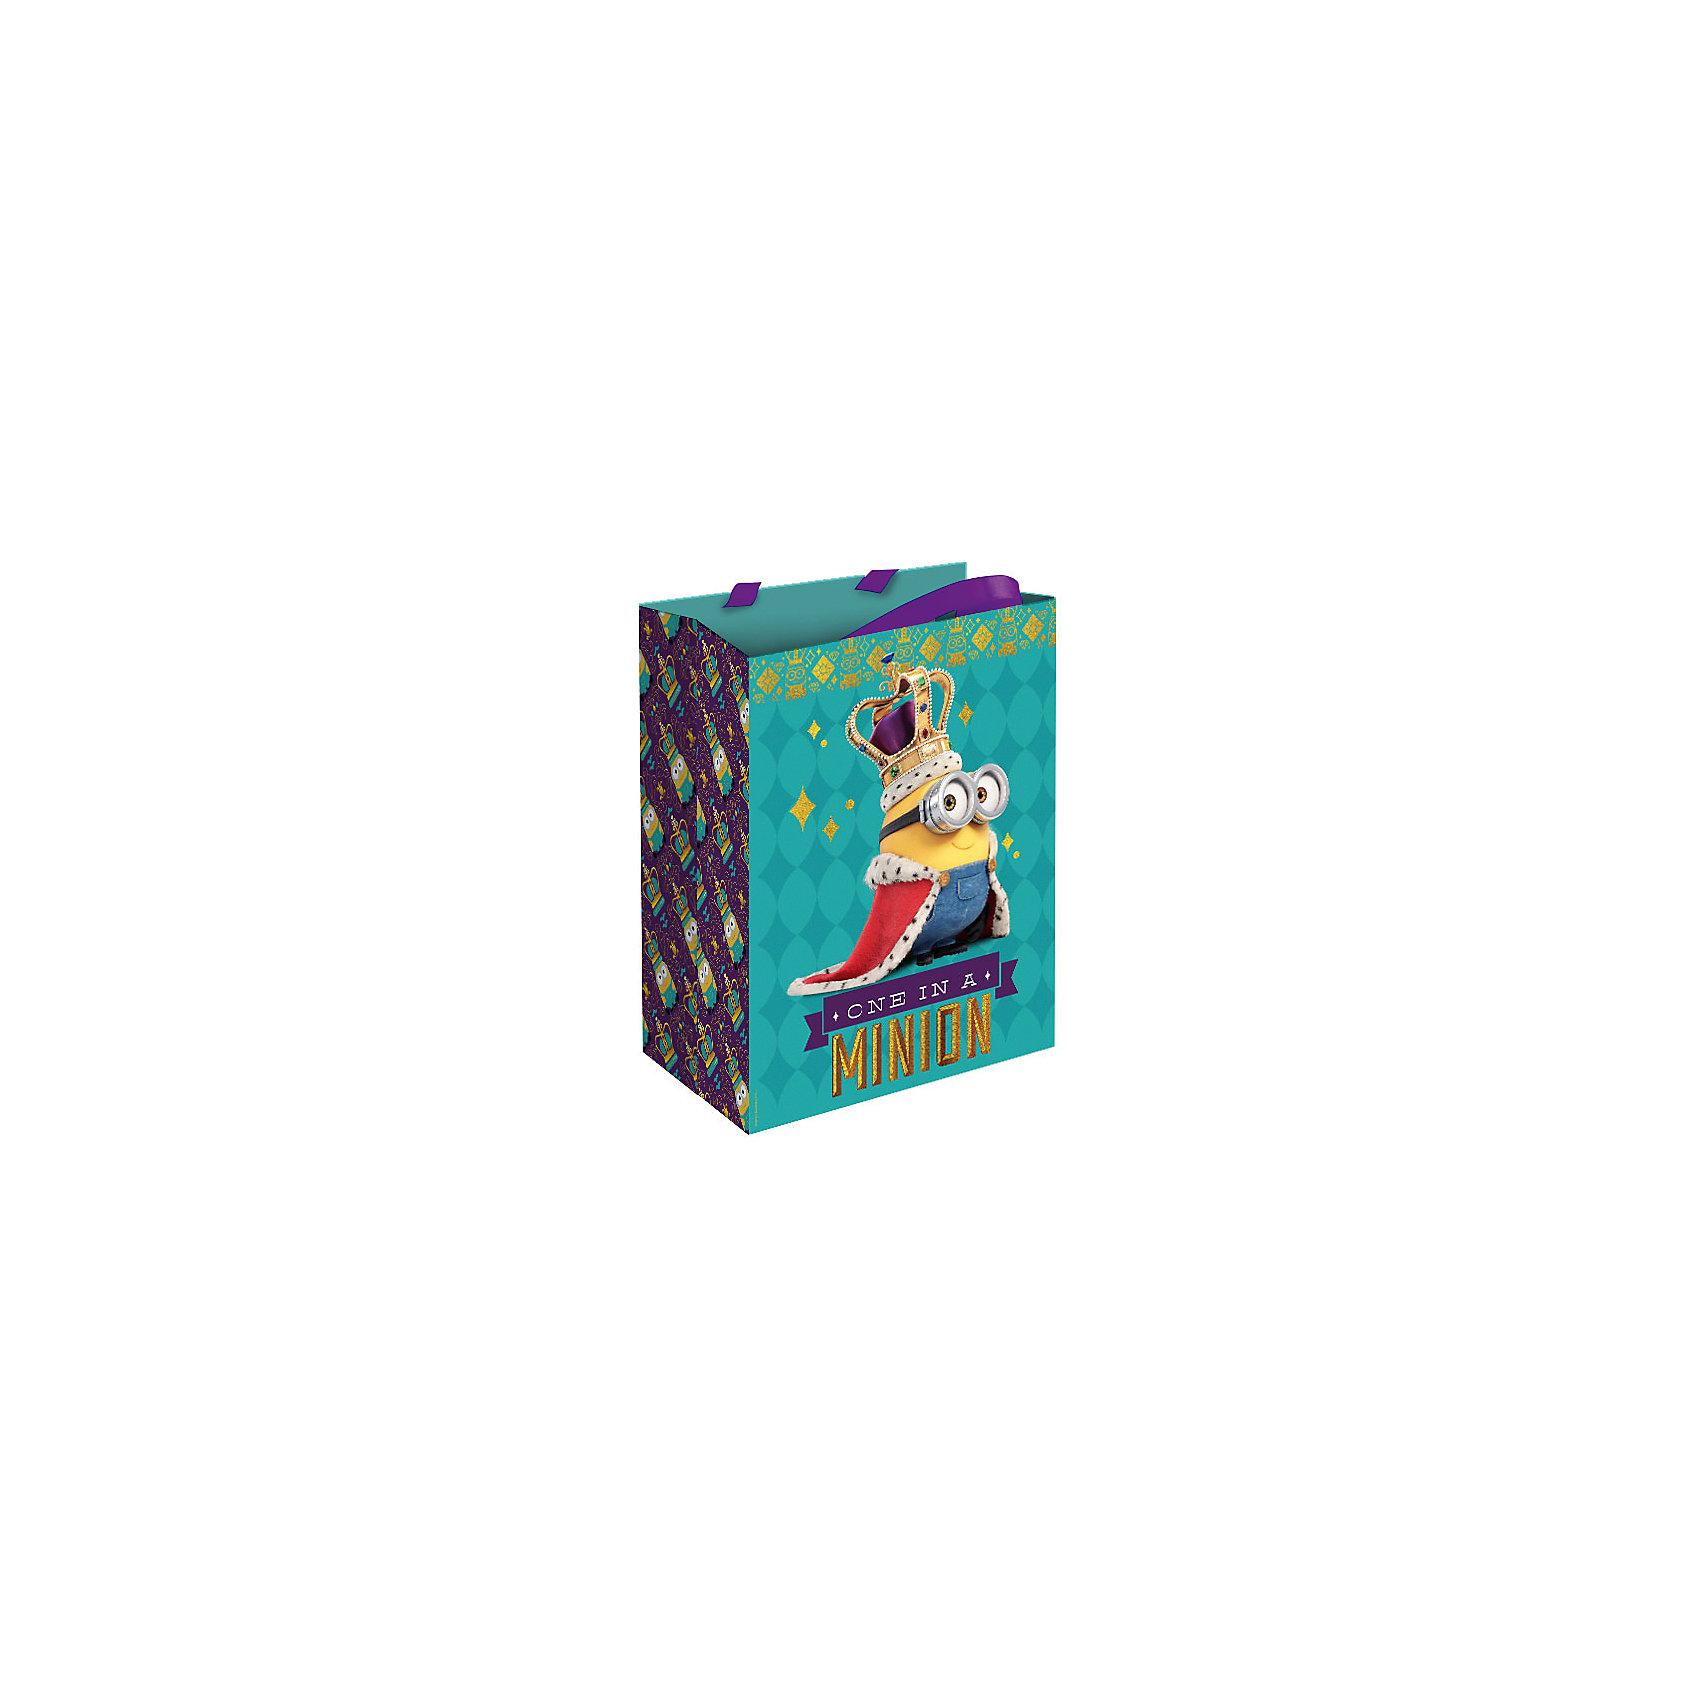 Подарочный пакет Миньон-монарх 23*18*10 смПодарочный пакет Миньон-монарх 23*18*10 см – этот аксессуар станет незаменимым дополнением к выбранному подарку.<br>Подарочный бумажный пакет «Миньон-монарх» величественно украсит ваш подарок и обязательно поднимет настроение виновнику торжества. Яркий пакет с изображением забавного миньона в королевской короне и мантии сделает подарок эффектным и запоминающимся. Для удобной переноски на пакете имеются две ручки из ленты.<br><br>Дополнительная информация:<br><br>- Размер: 23х18х10 см.<br>- Материал: бумага<br><br>Подарочный пакет Миньон-монарх 23*18*10 см можно купить в нашем интернет-магазине.<br><br>Ширина мм: 230<br>Глубина мм: 180<br>Высота мм: 5<br>Вес г: 51<br>Возраст от месяцев: 36<br>Возраст до месяцев: 168<br>Пол: Унисекс<br>Возраст: Детский<br>SKU: 4278371